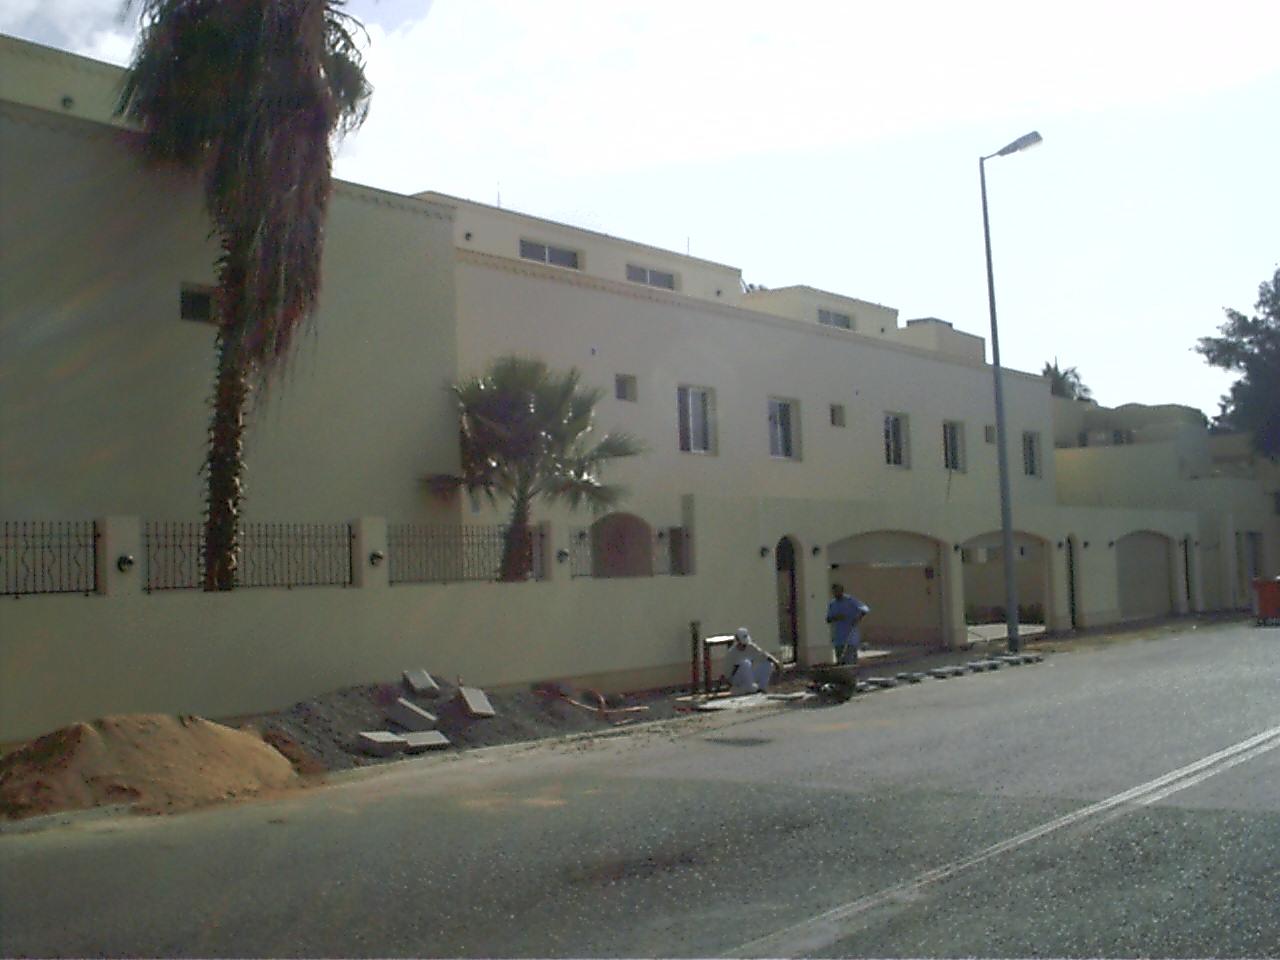 Raida Bin Laden Compound -Jeddah